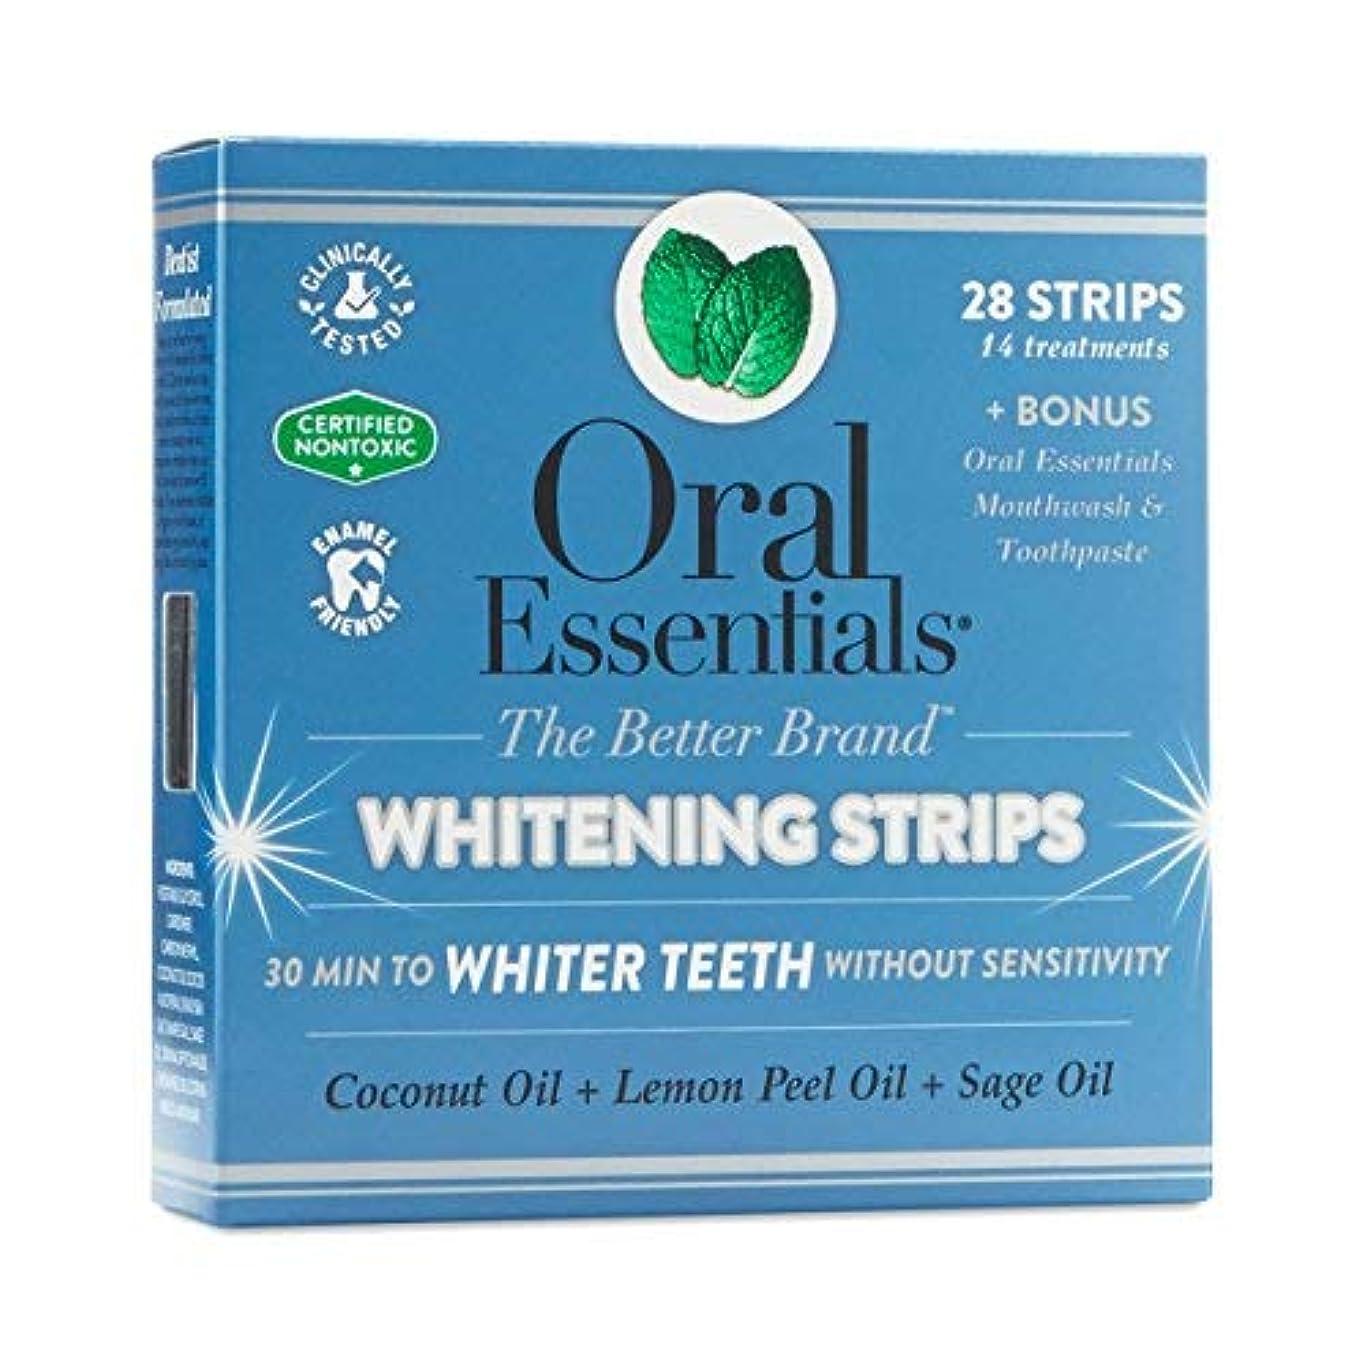 第九きゅうり教養があるホワイトニングストリップ オーラルエッセンシャル 14回分(上下24枚) 過酸化物なし、非毒性、敏感な歯茎に方にもやさしい 海外直送品